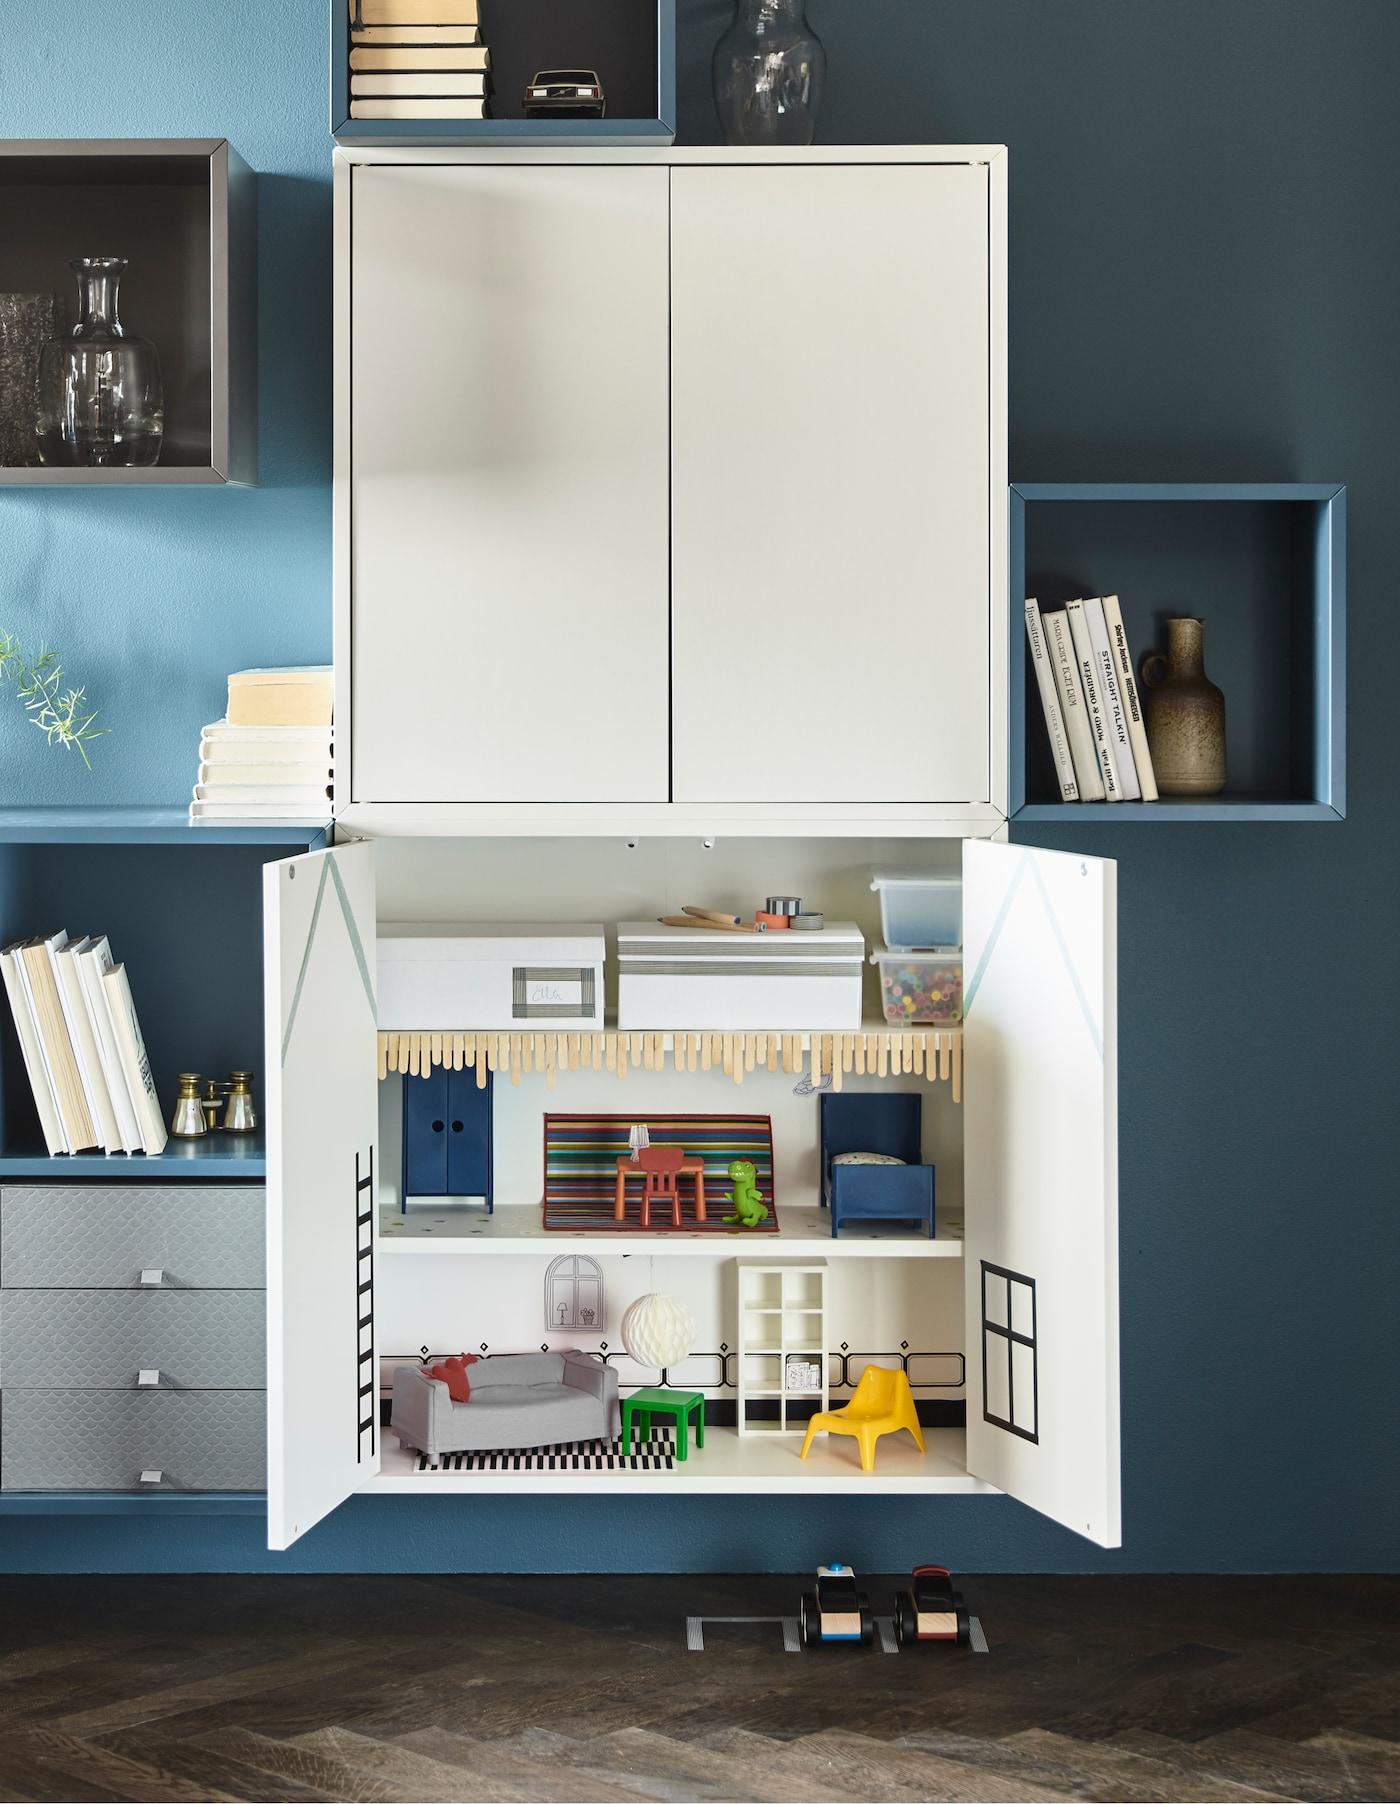 Möbel & Einrichtungsideen für dein Zuhause | Ivar regal